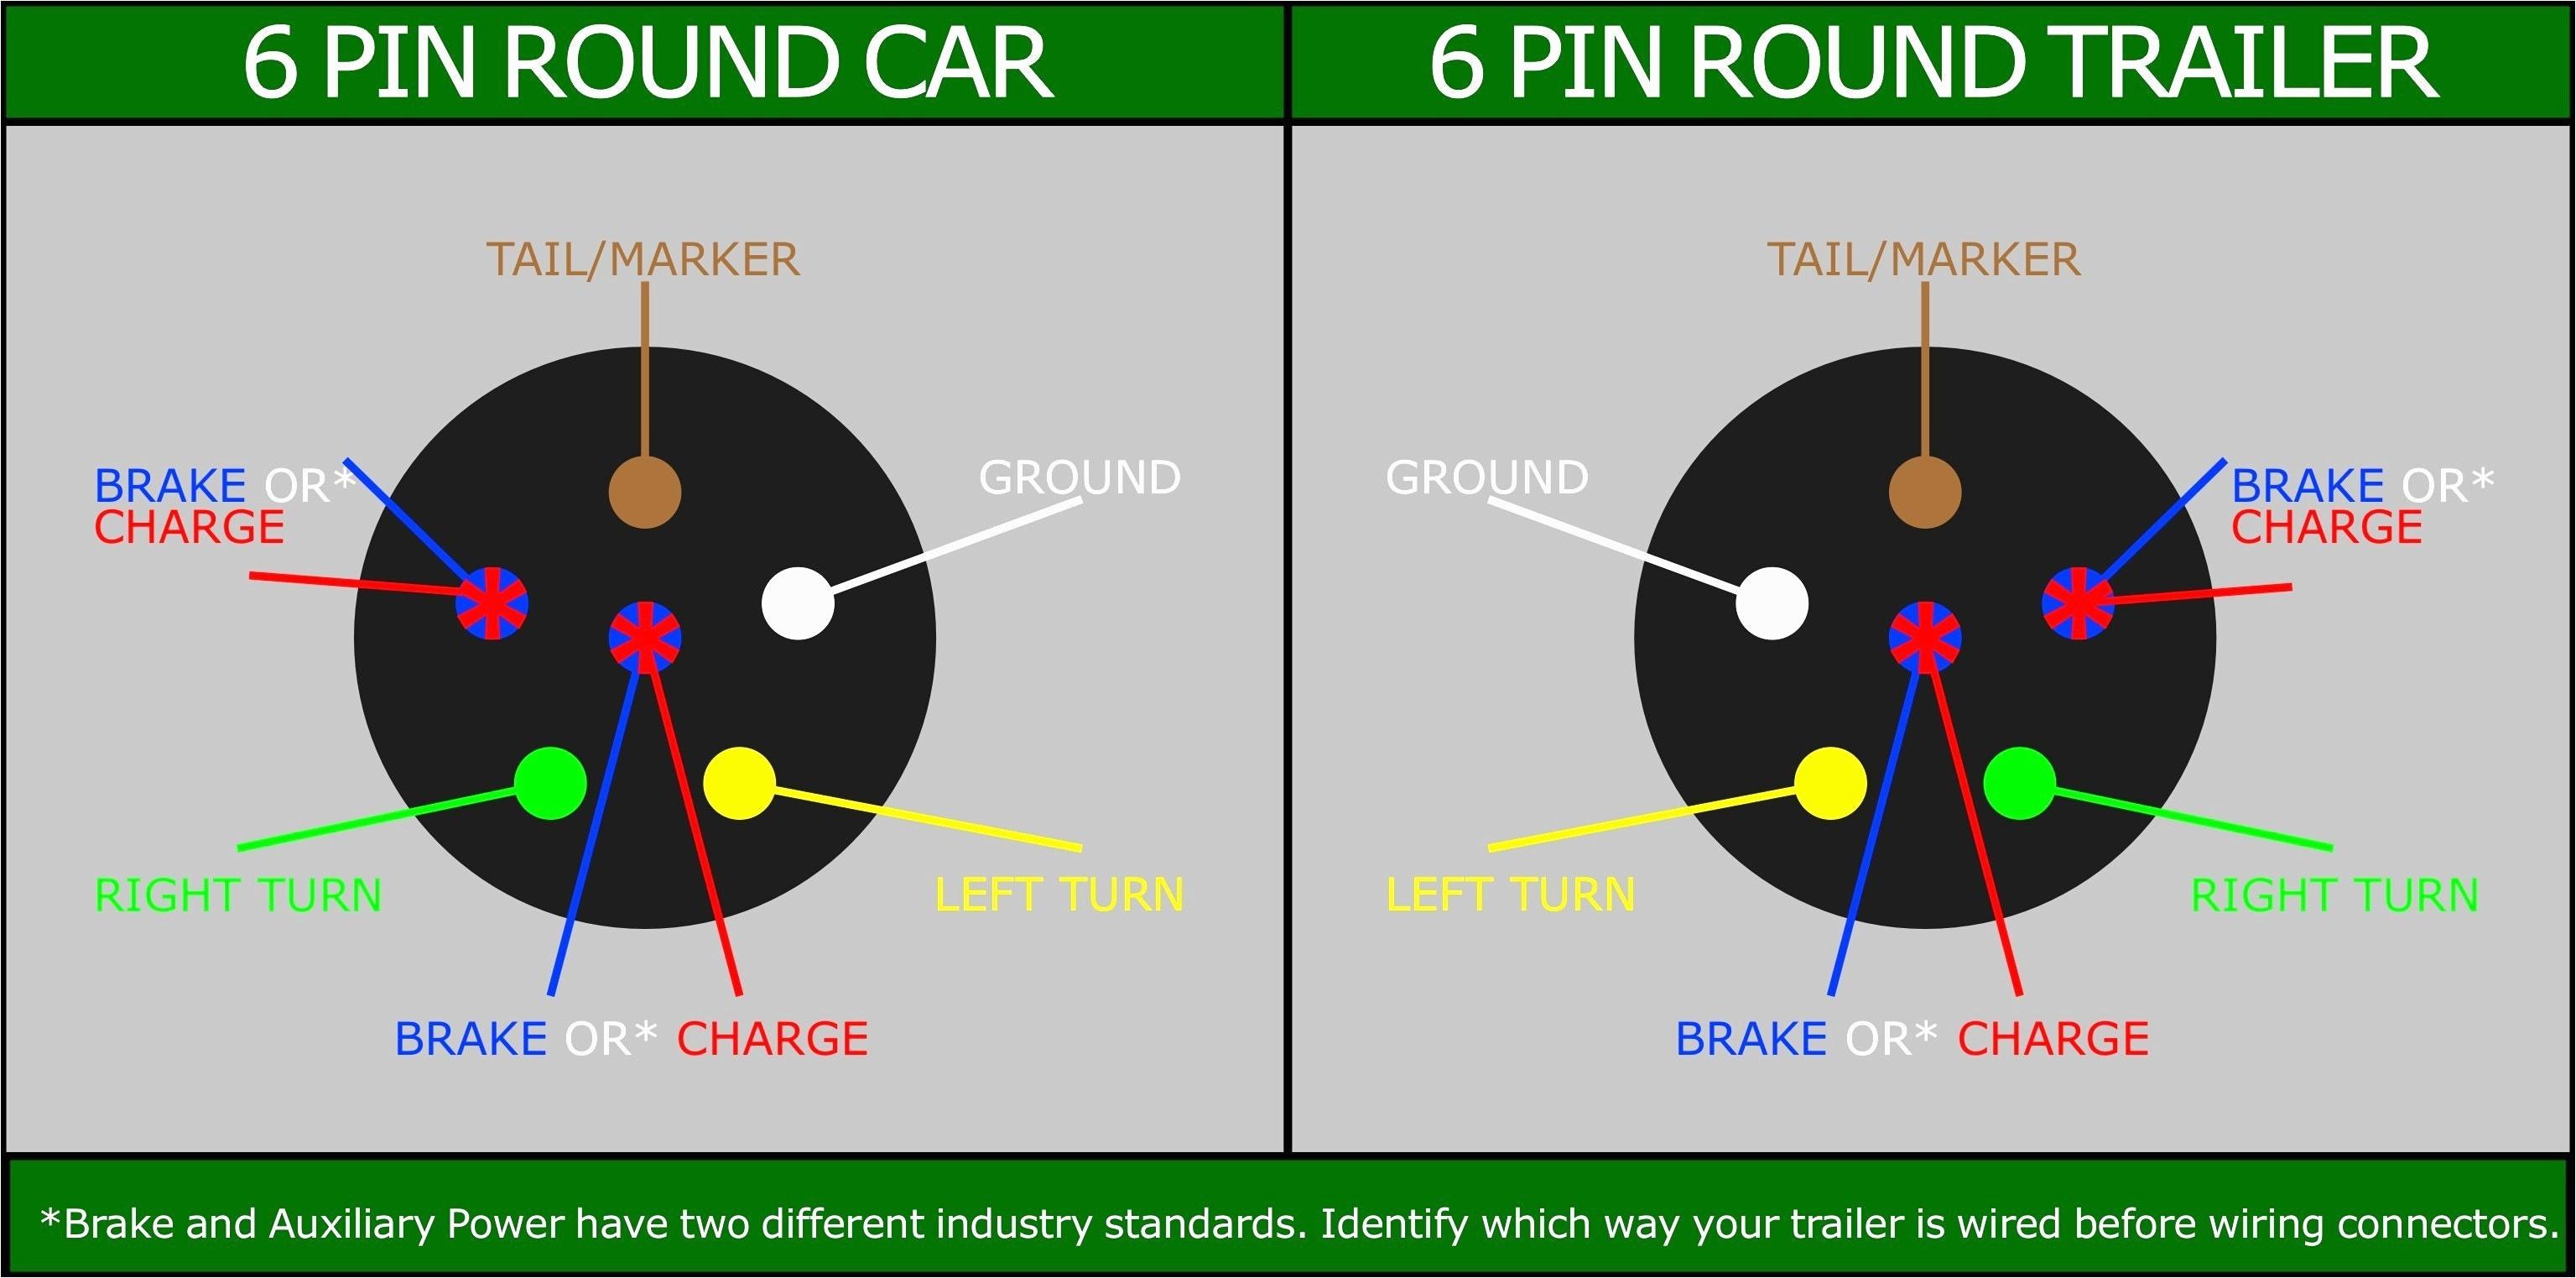 6 pin to 7 trailer wiring diagram wiring diagram rows blue ox 7 pin to 6 pin wiring diagram 7 pin to 6 wiring diagram